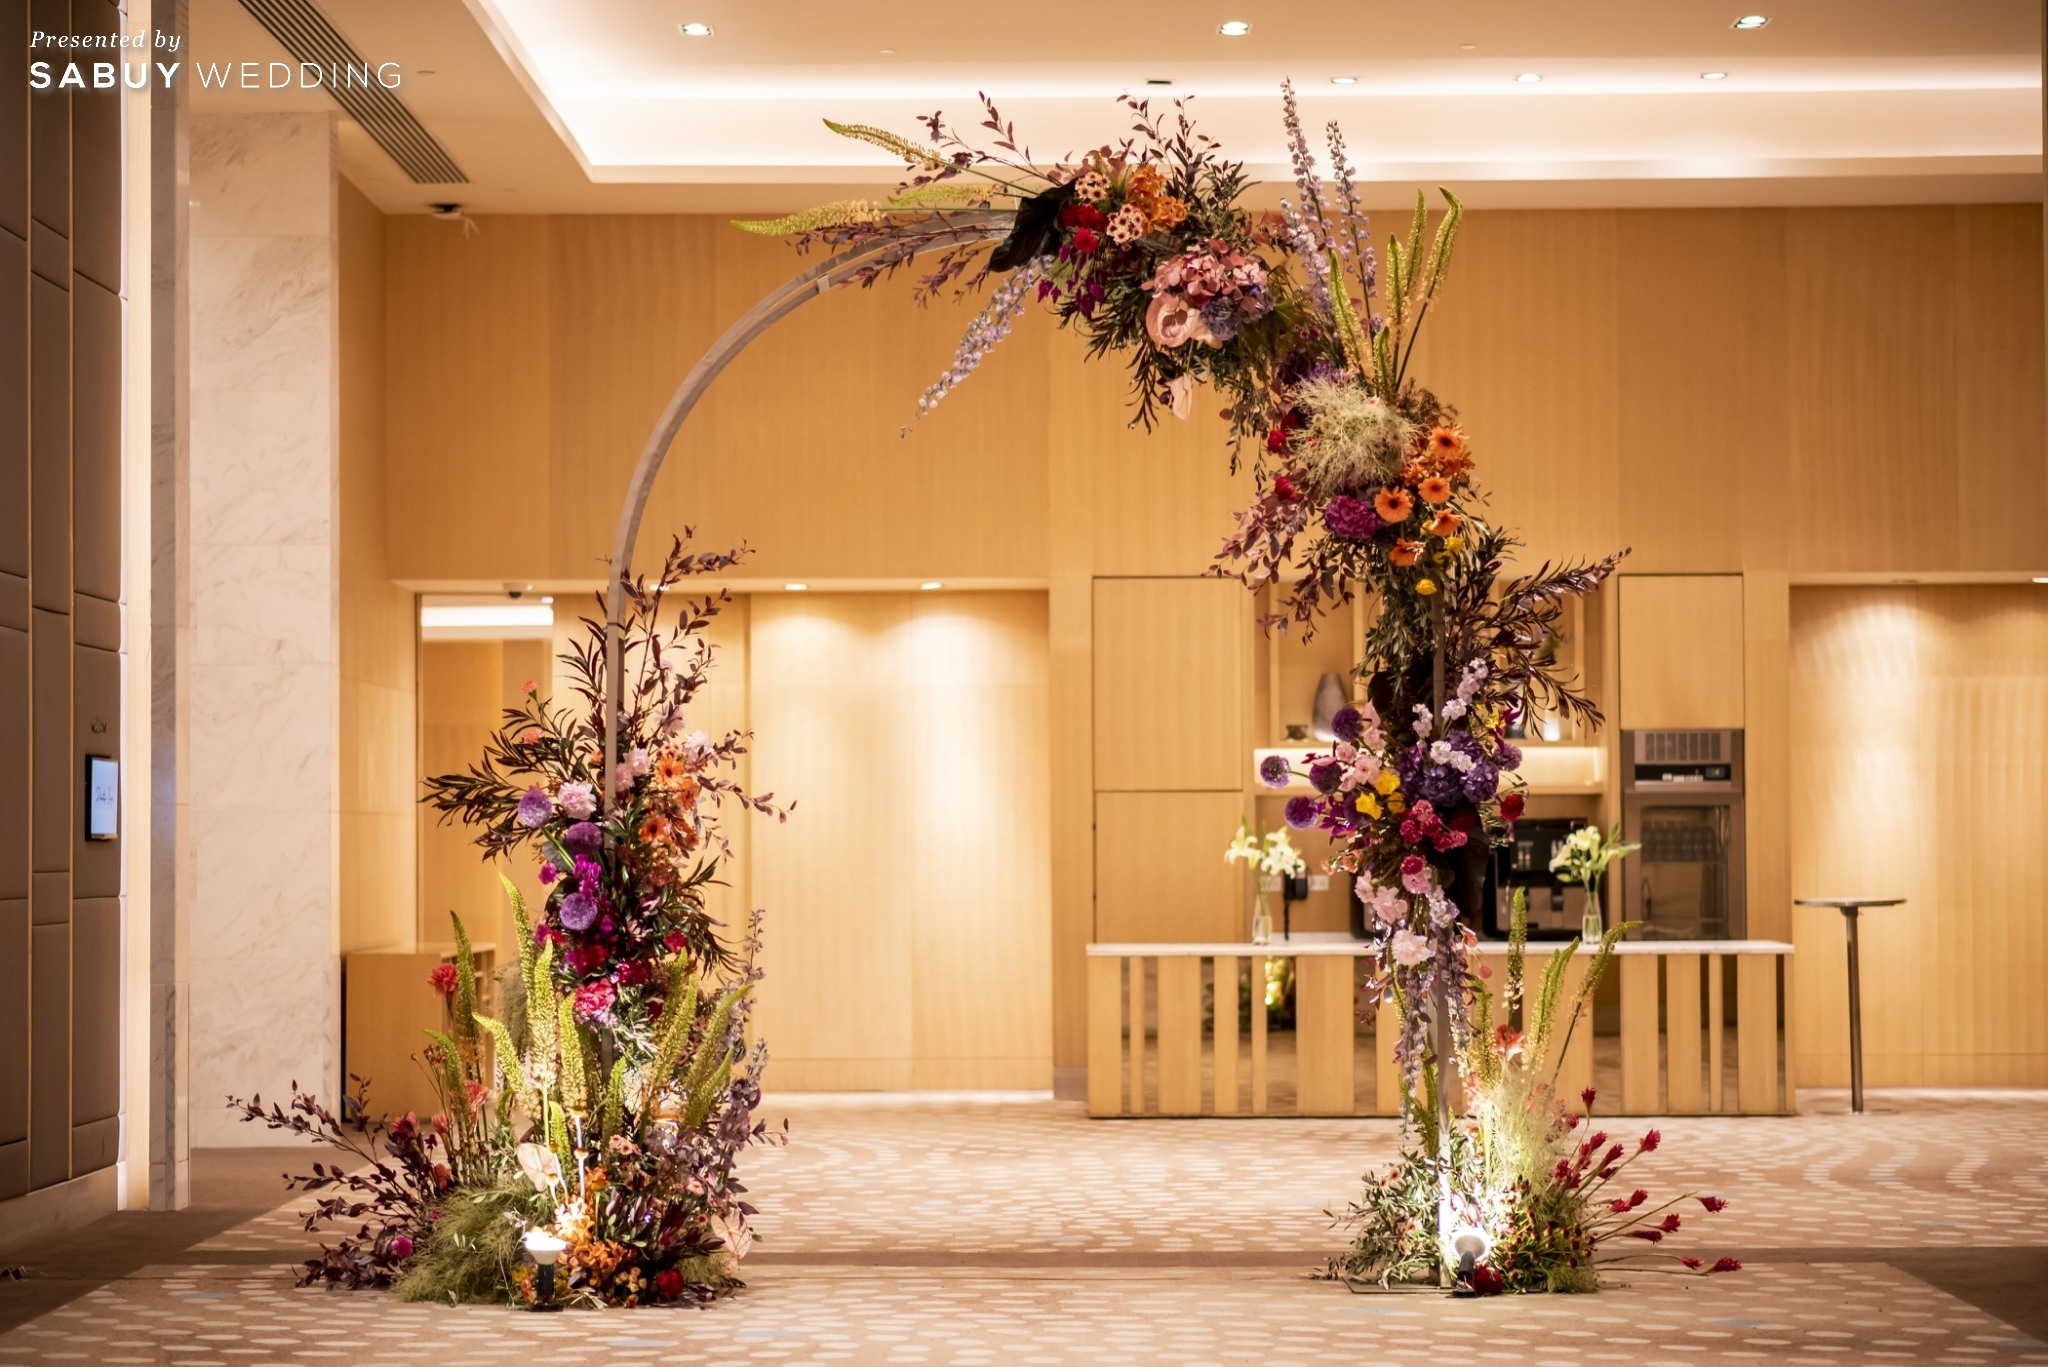 ตกแต่งงานแต่งงาน,phka รีวิวงานแต่งแซ่บจี๊ดใจ สวยสดใสด้วยโทนสี Colorful @ AVANI+ Riverside Bangkok Hotel